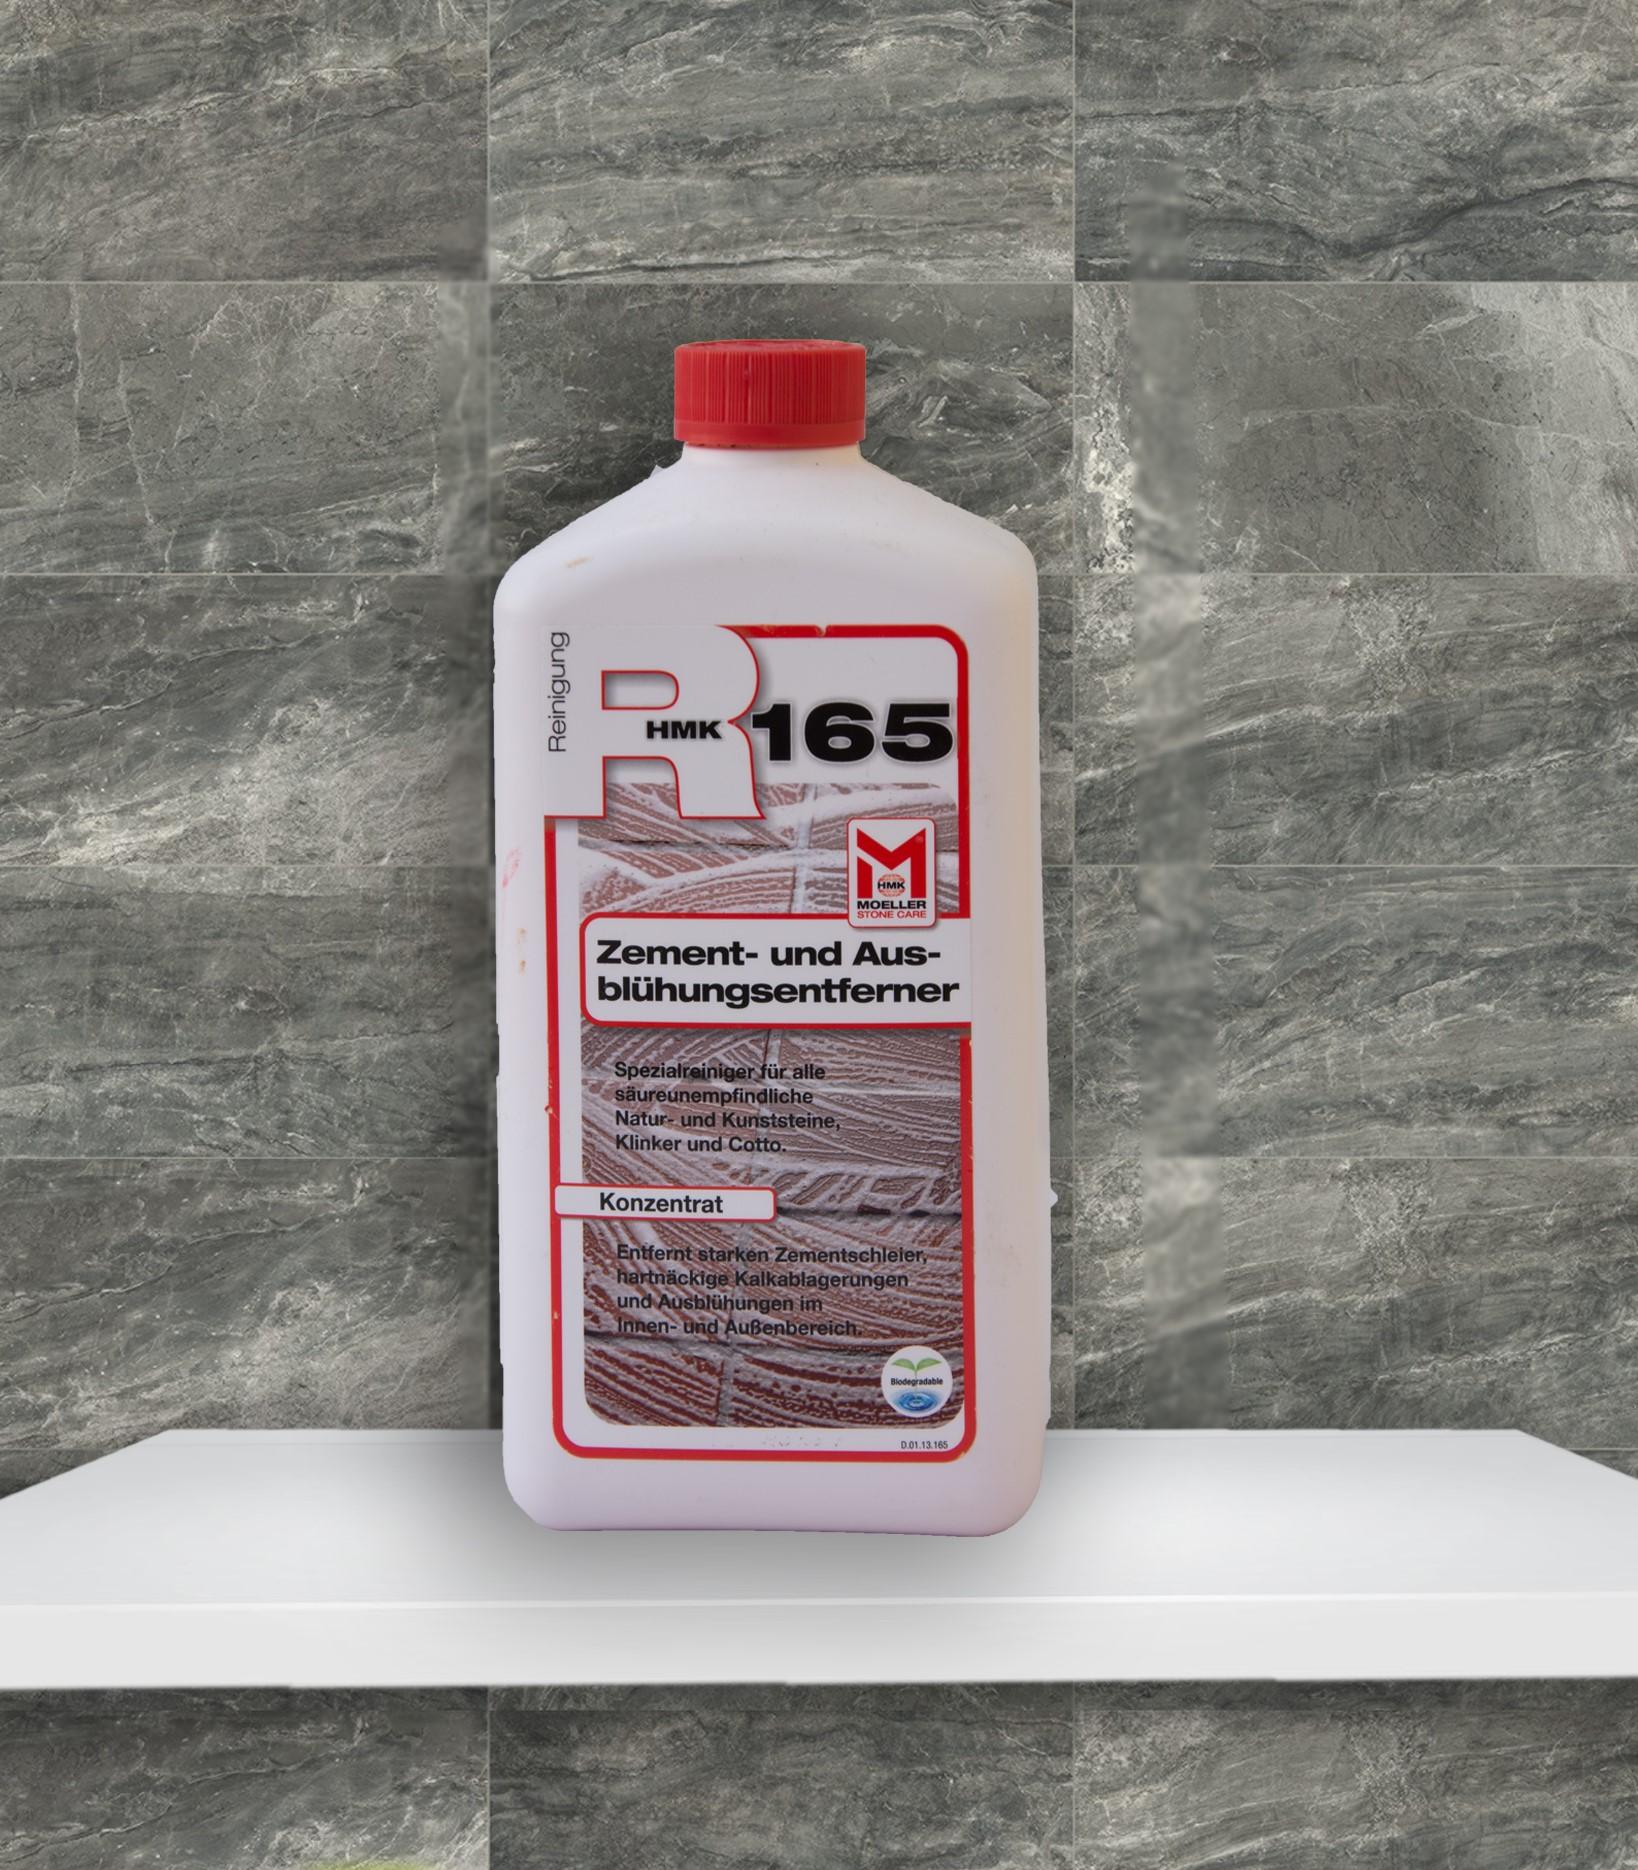 HMK R165 Zement- und Ausblühungsentferner